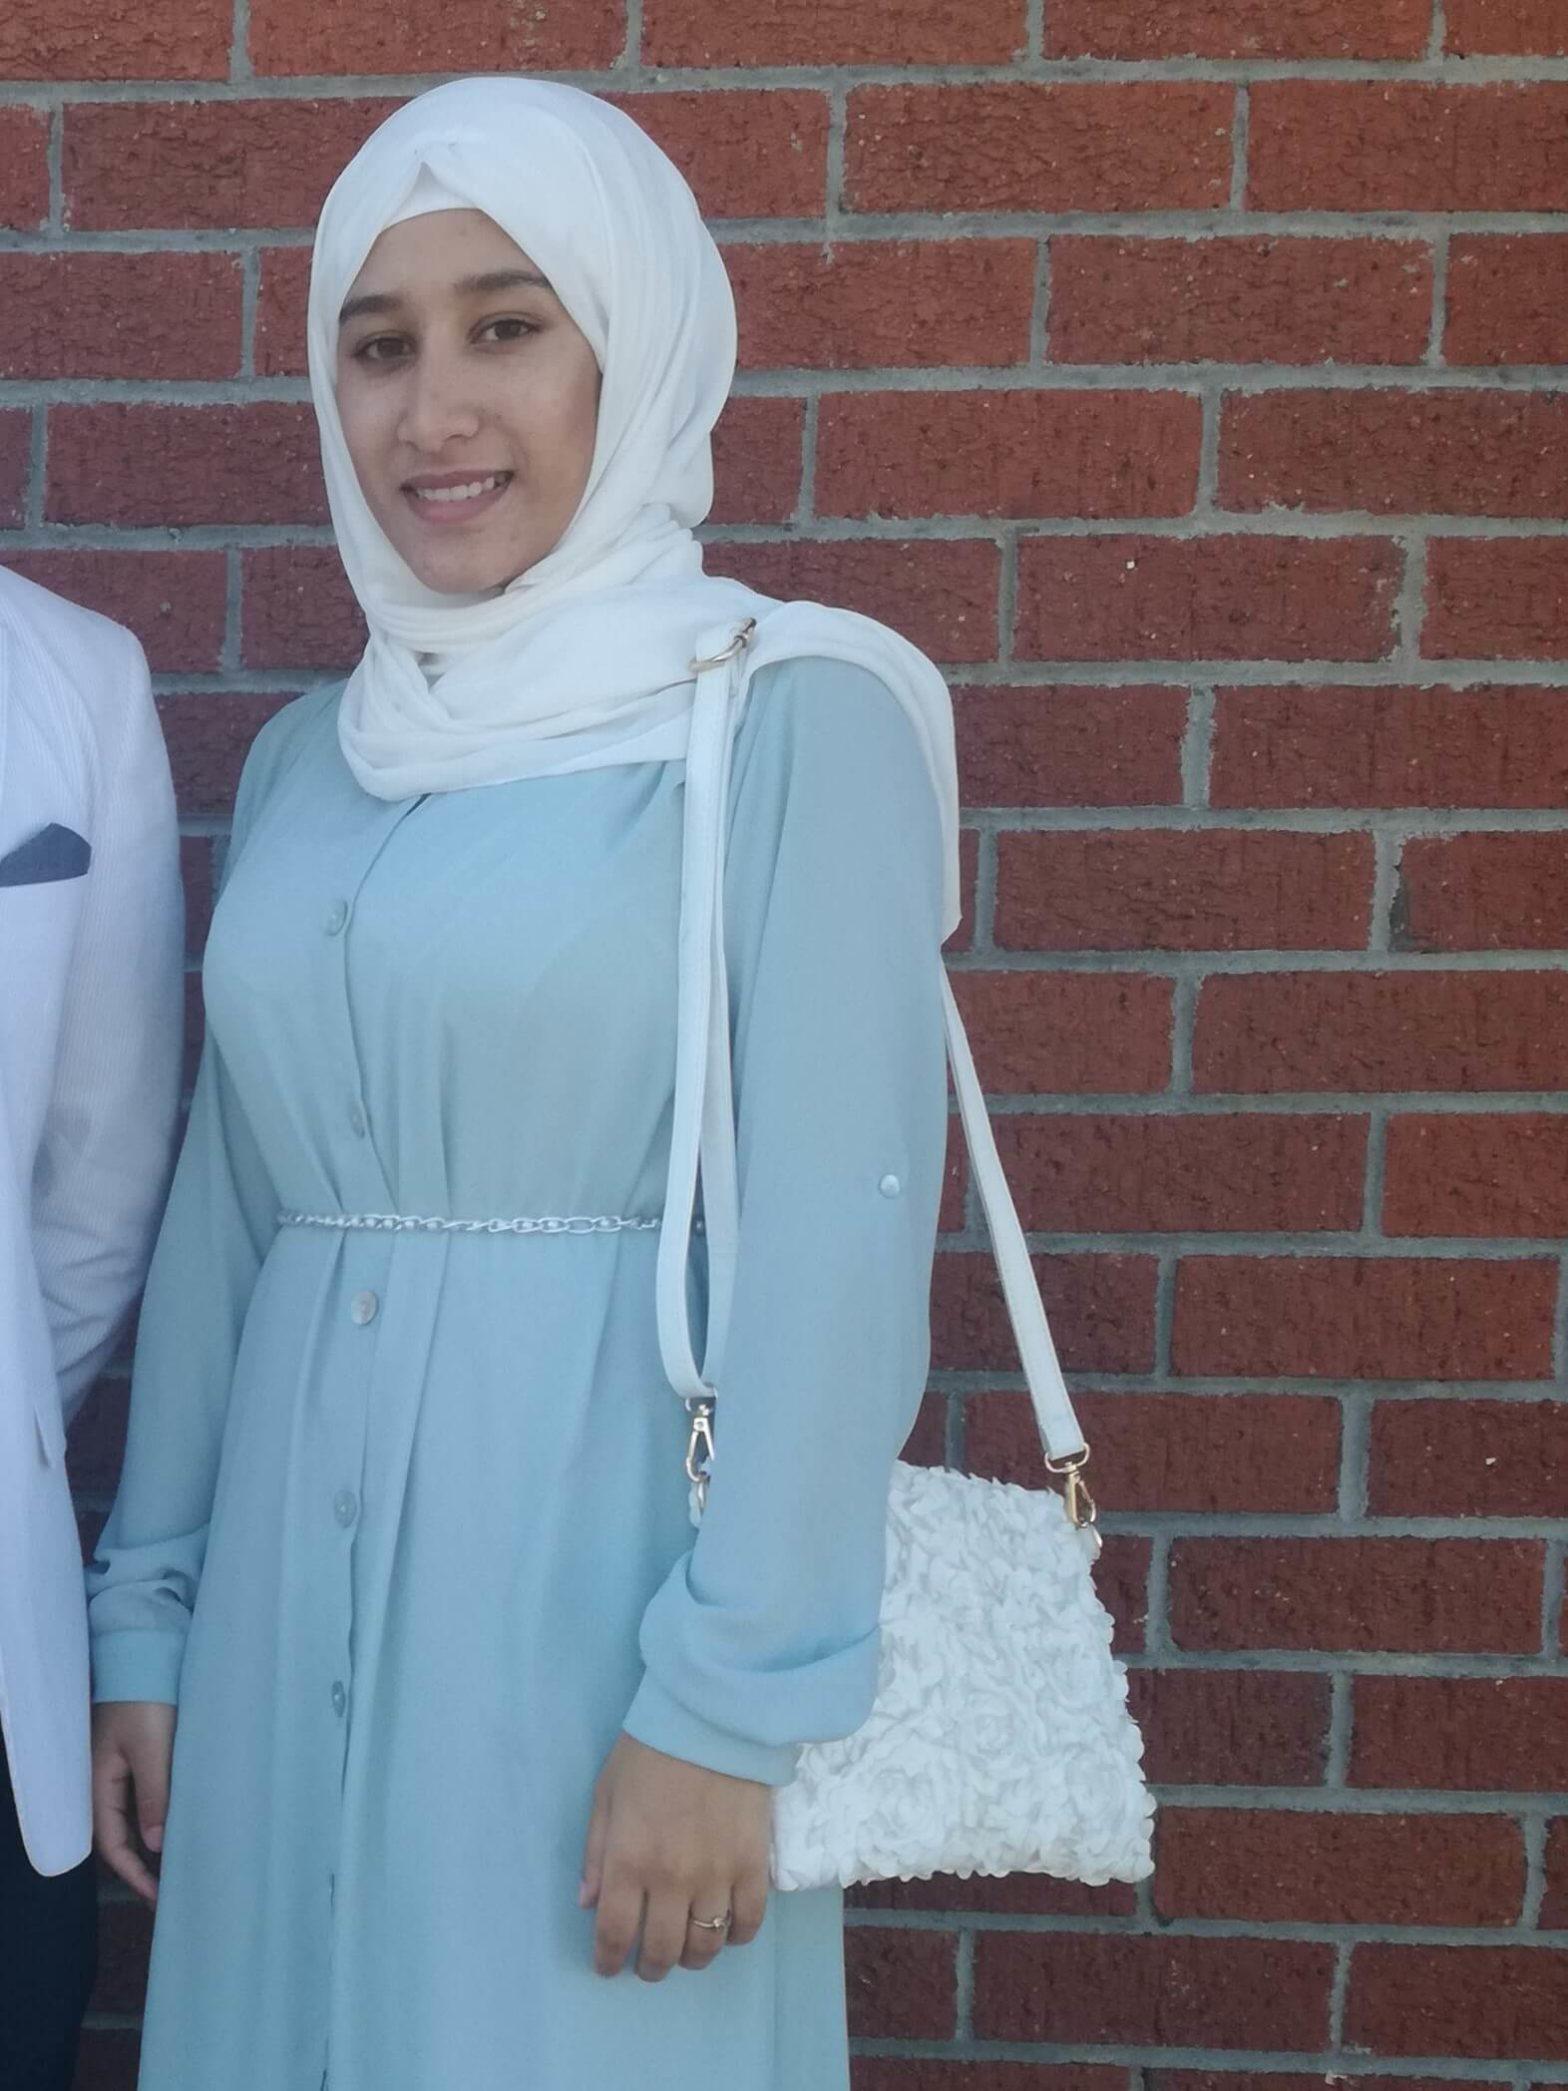 Aisha (RA): The scholar